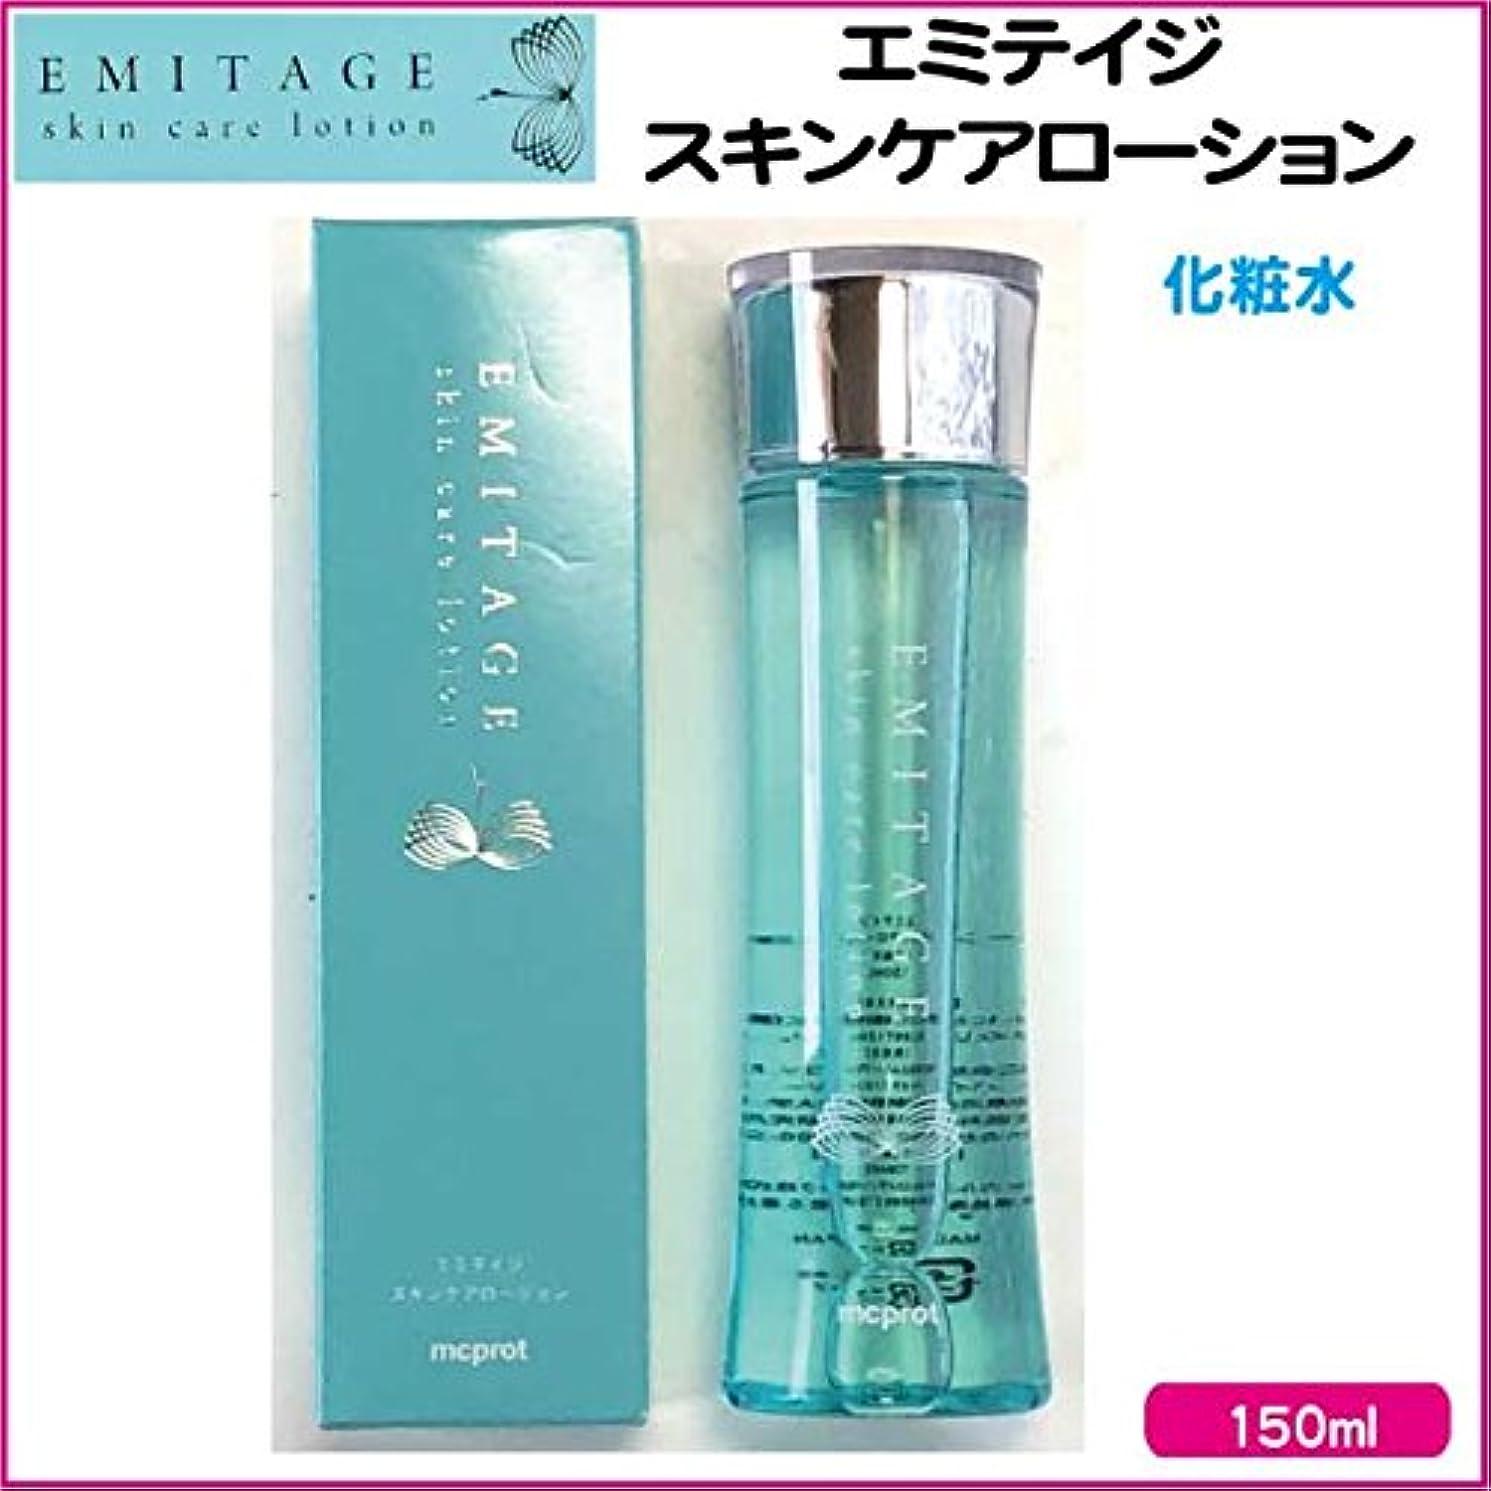 自我コピー好きである【化粧水】 EMITAGE skin care lotion エミテイ スキンケア ローション  150ml 日本製